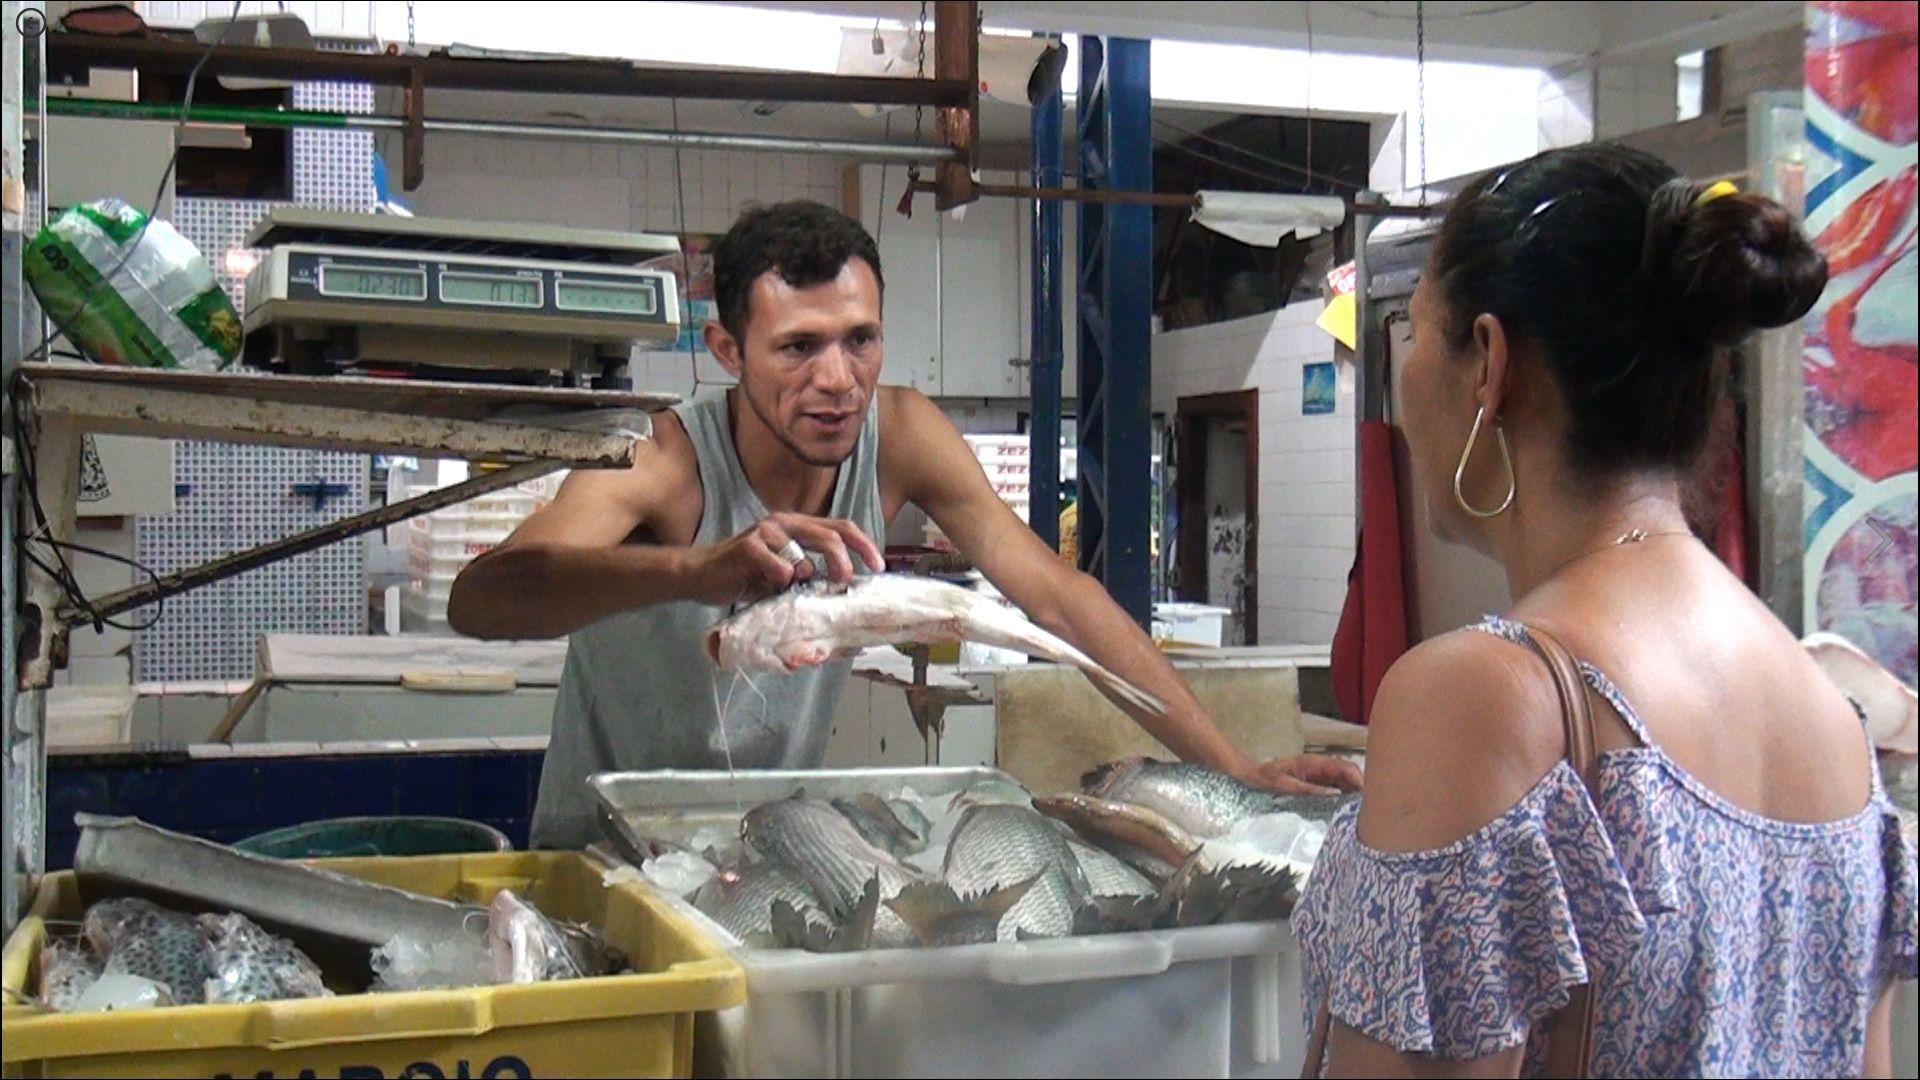 Levantamento do Sincovat mostra que expectativa dos comerciantes é vender 40% mais. / Imagem/ TV Sincovat